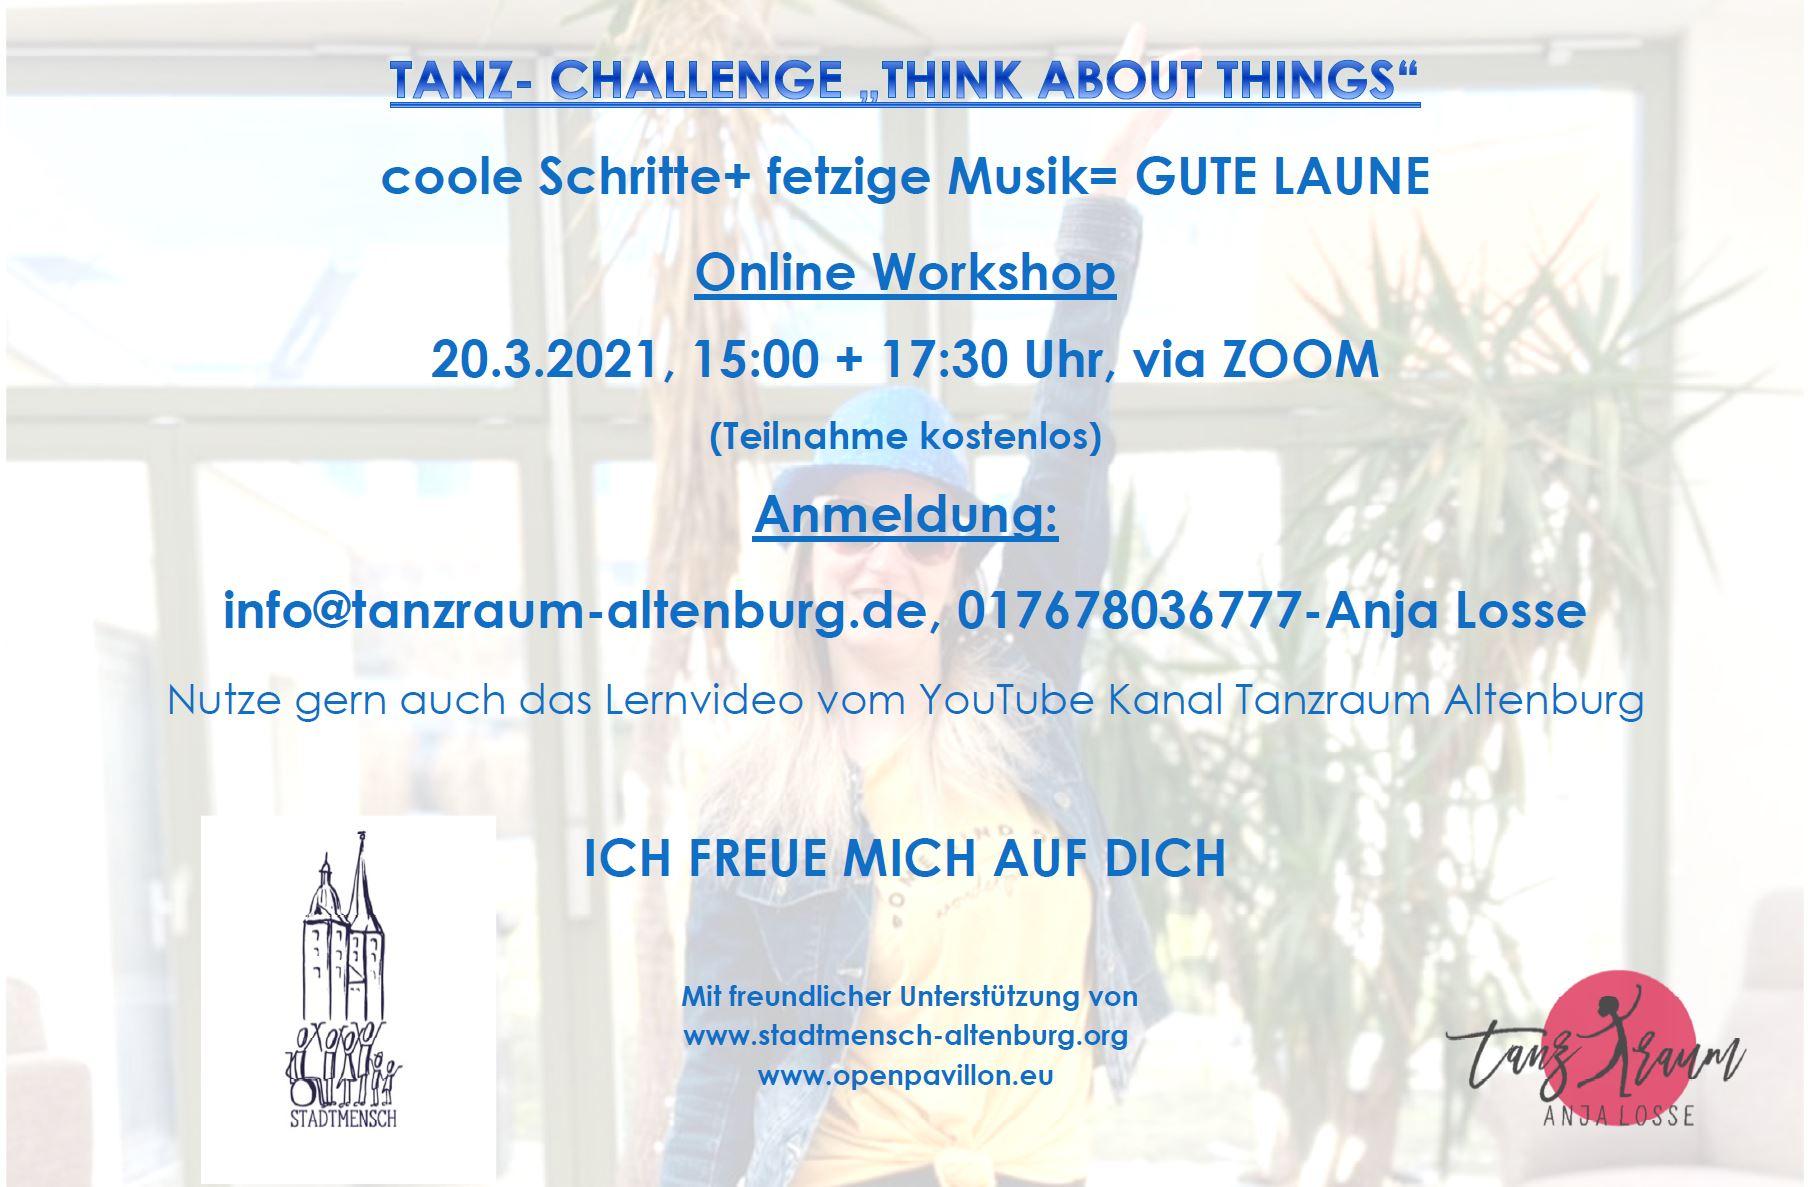 Tanzraum Altenburg startet nächste Tanz-Challenge